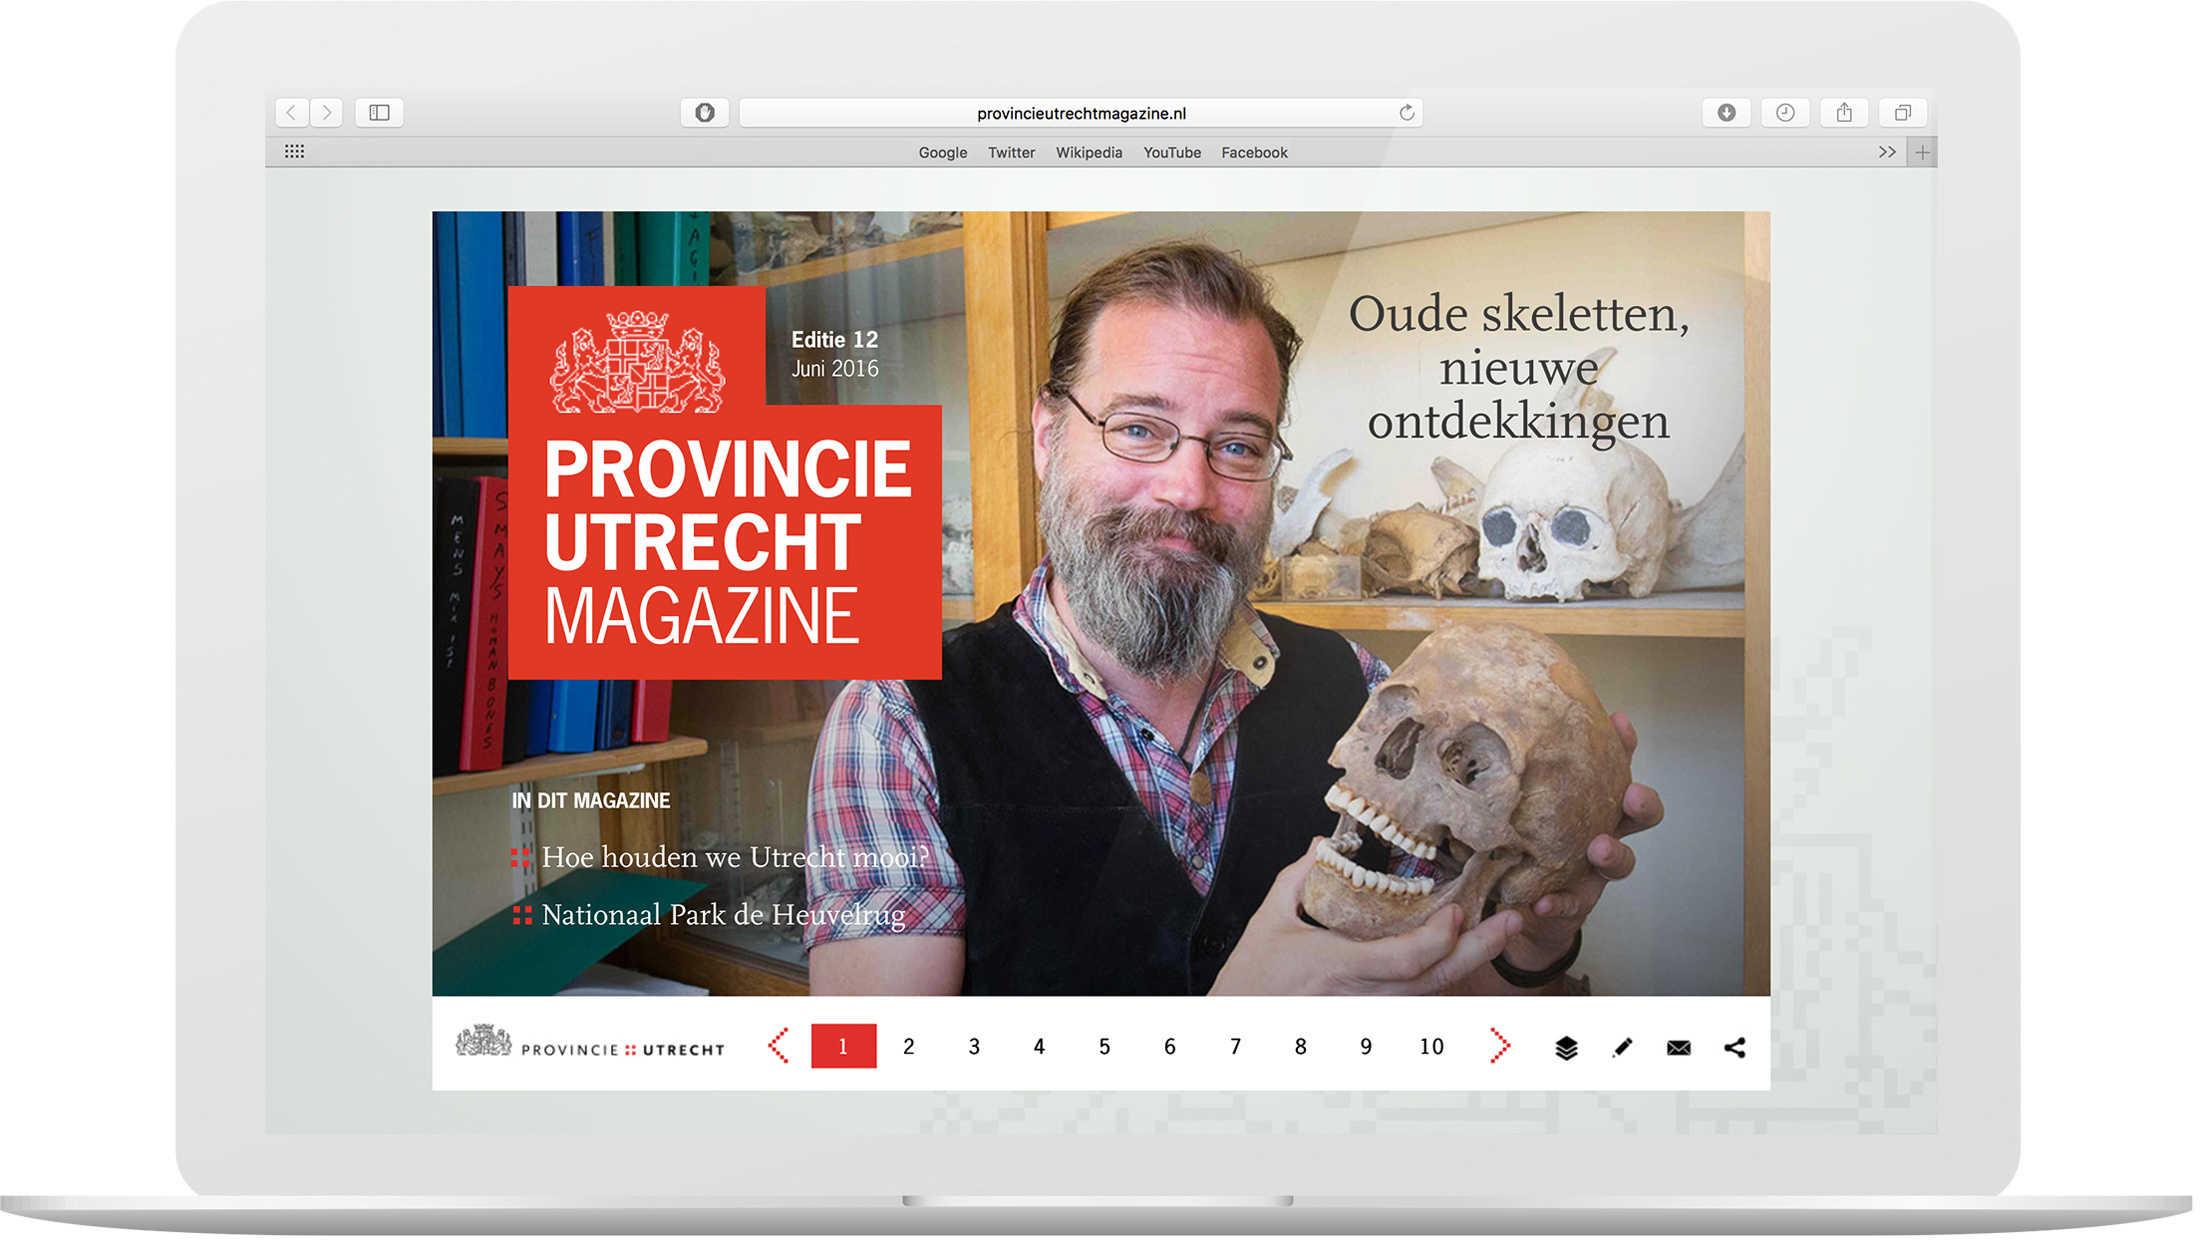 Online magazine Provincie Utrecht Magazine Provincie Utrecht DutchGiraffe